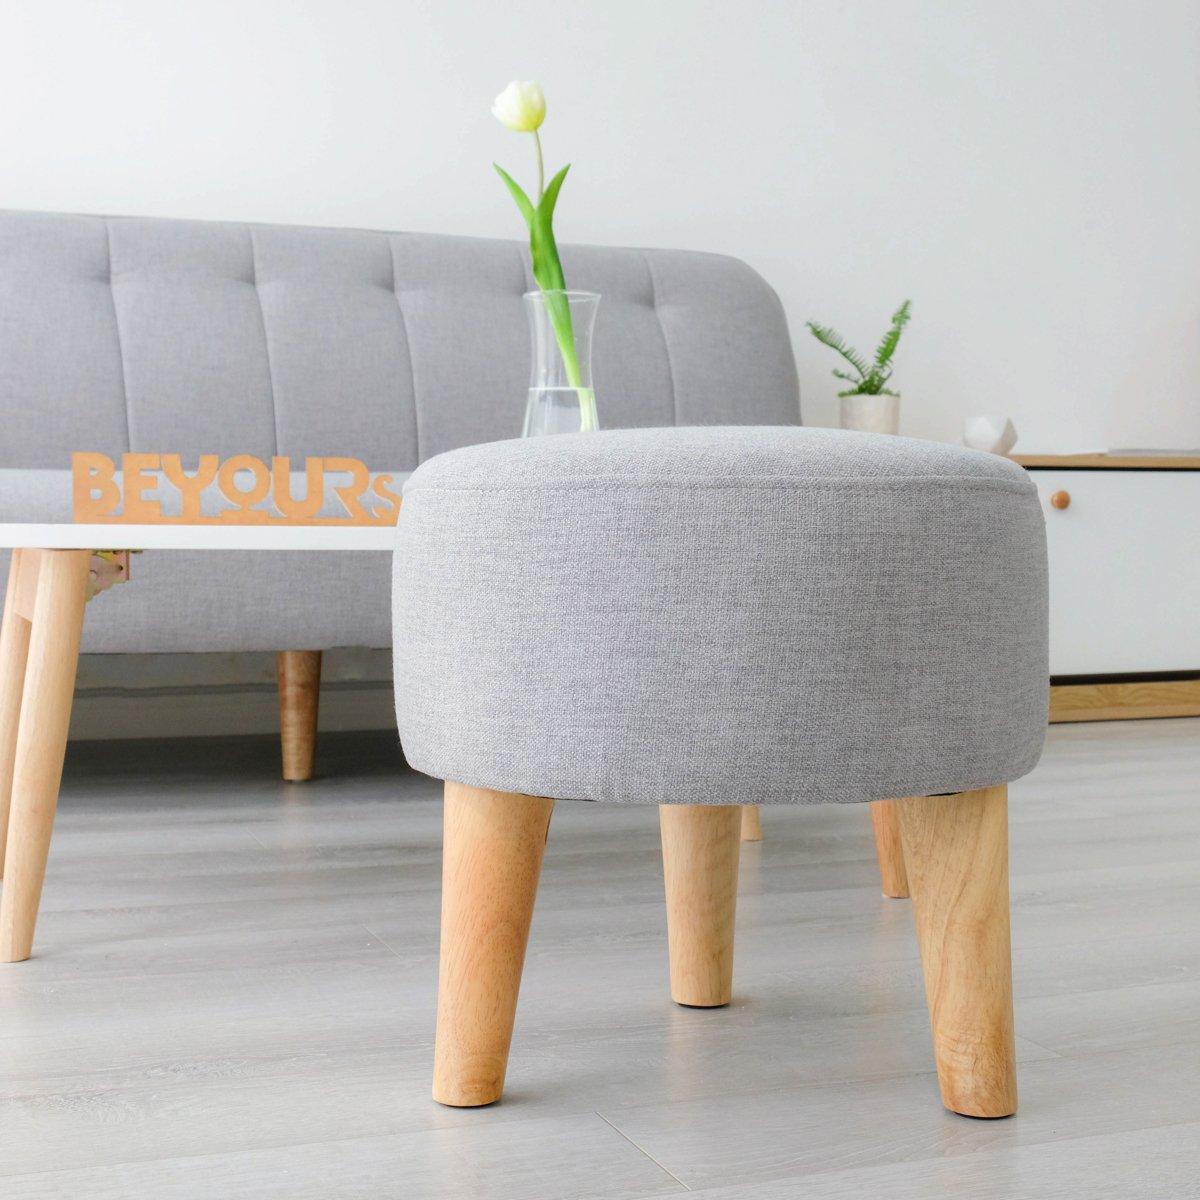 Bộ Sofa Giường Bàn Trà Ghế Đôn BEYOURs Đa Năng Tiện Dụng Nội Thất Phòng Khách Lắp Ráp Dễ Dàng